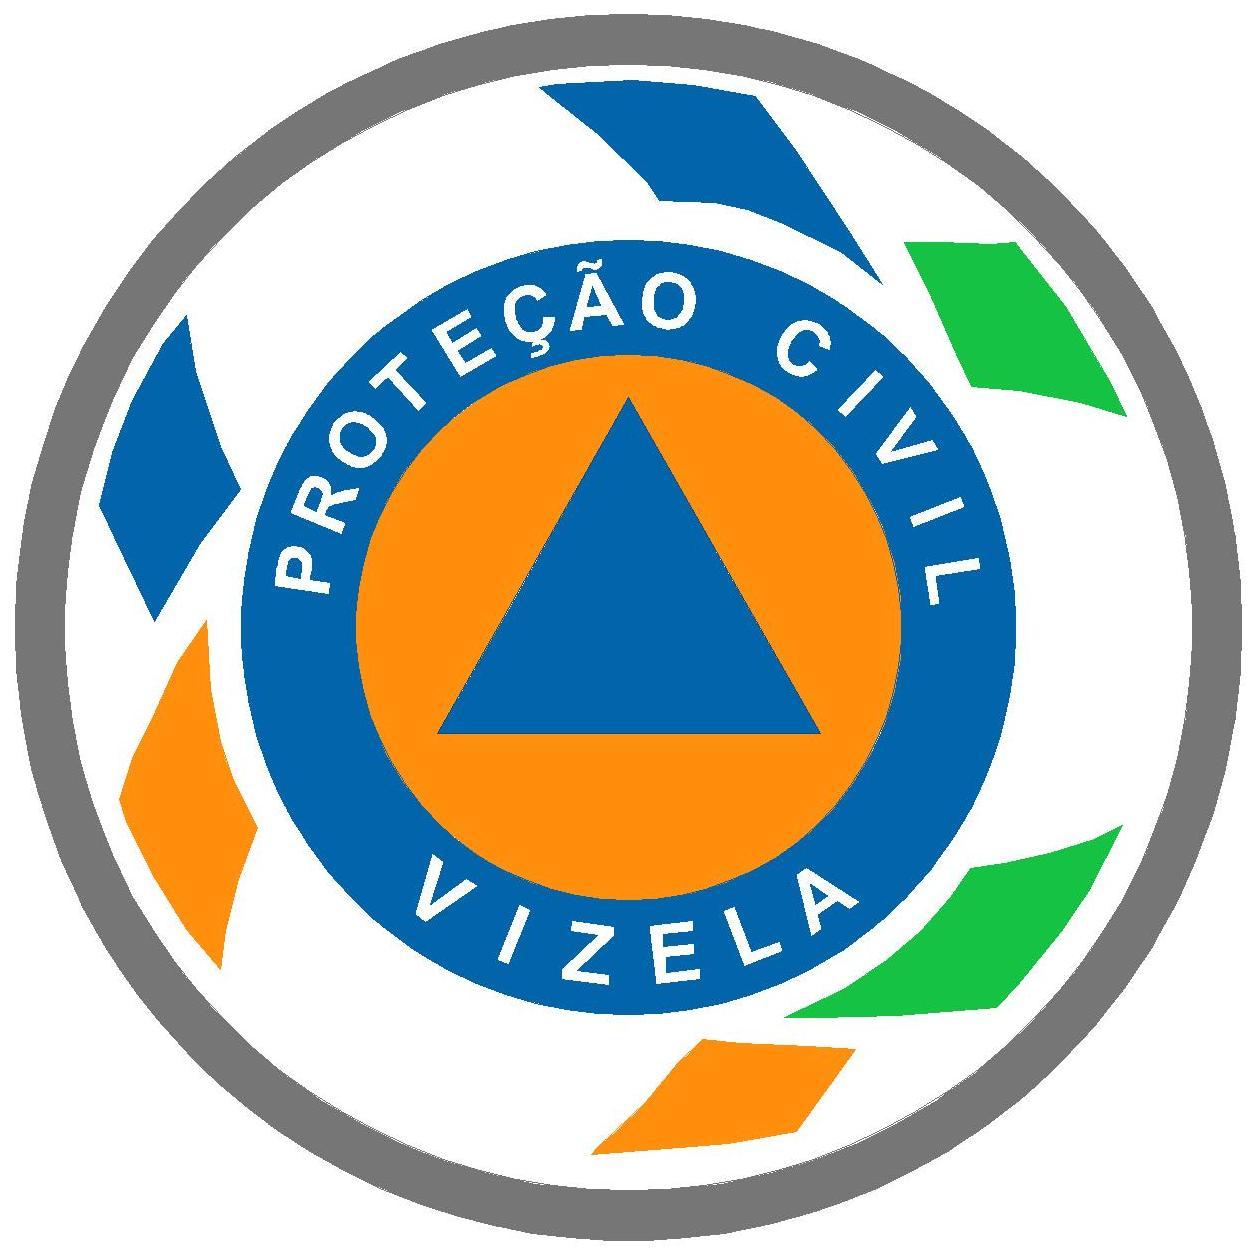 PROTEÇÃO CIVIL ALERTA PARA PREVISÃO DE PRECIPITAÇÃO FORTE E VENTO, ENTRE ESTA SEGUNDA-FEIRA E TERÇA-FEIRA